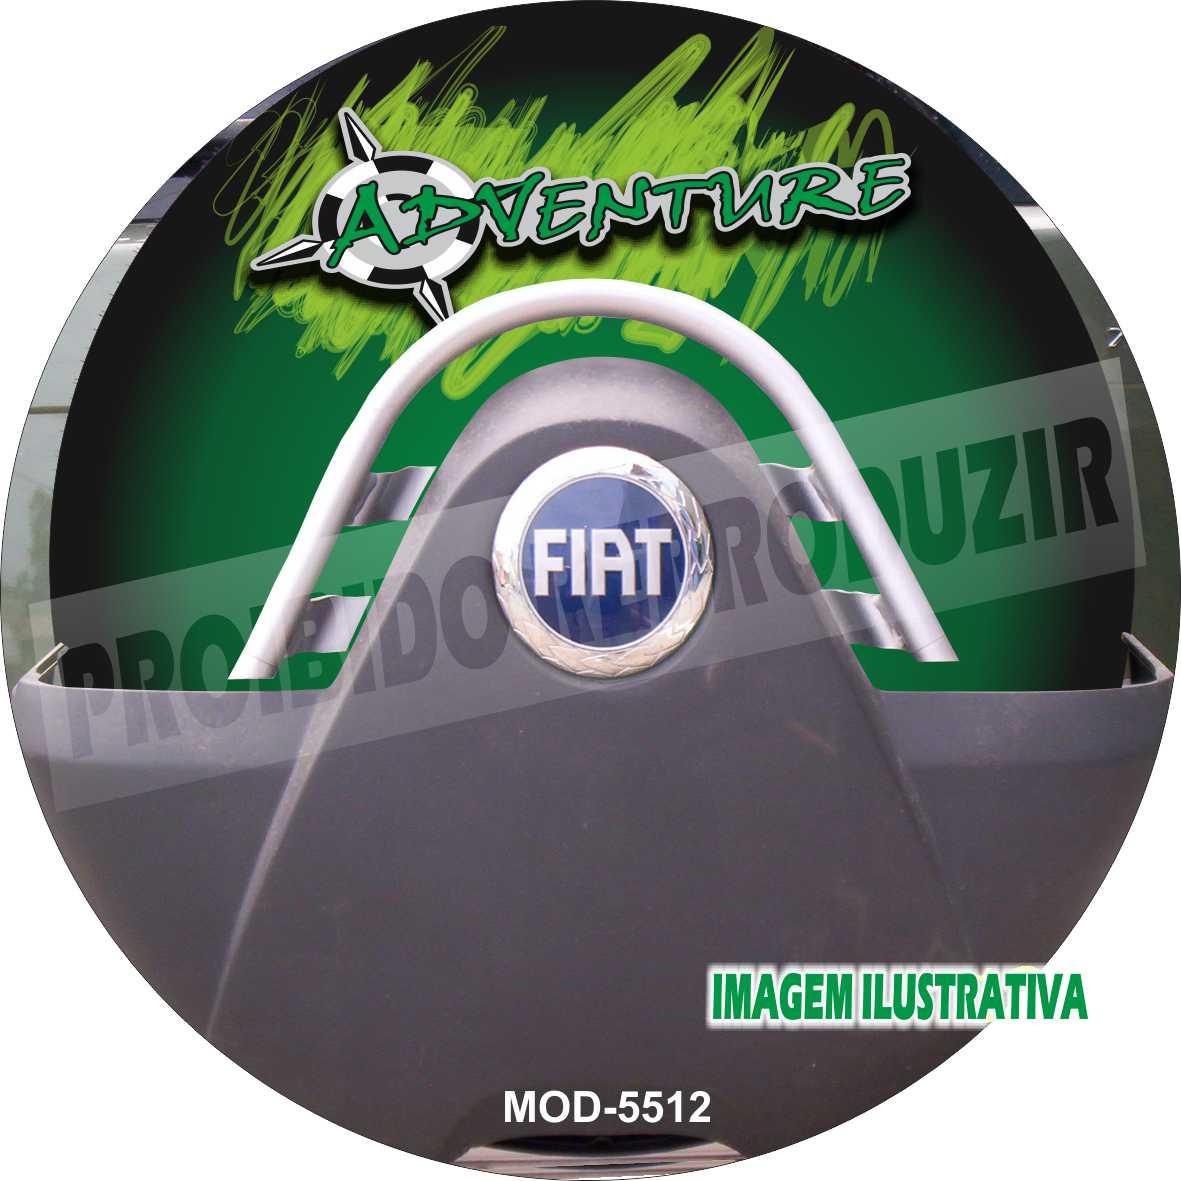 Capa Estepe Idea Doblo Adventure Verde M-5512